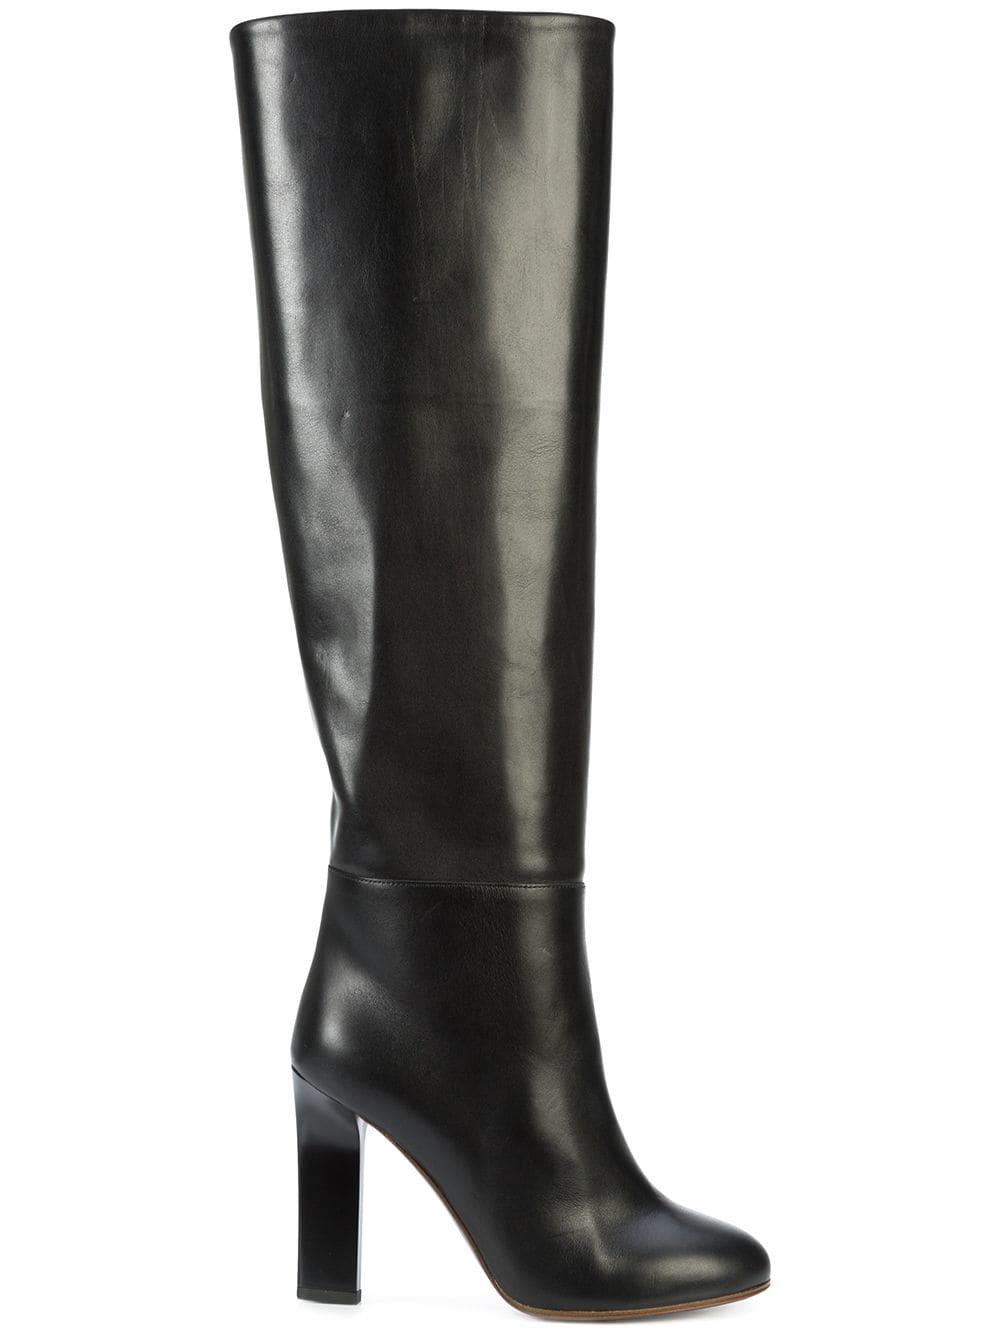 Victoria Beckham Overknee-Stiefel mit Blockabsatz - Schwarz